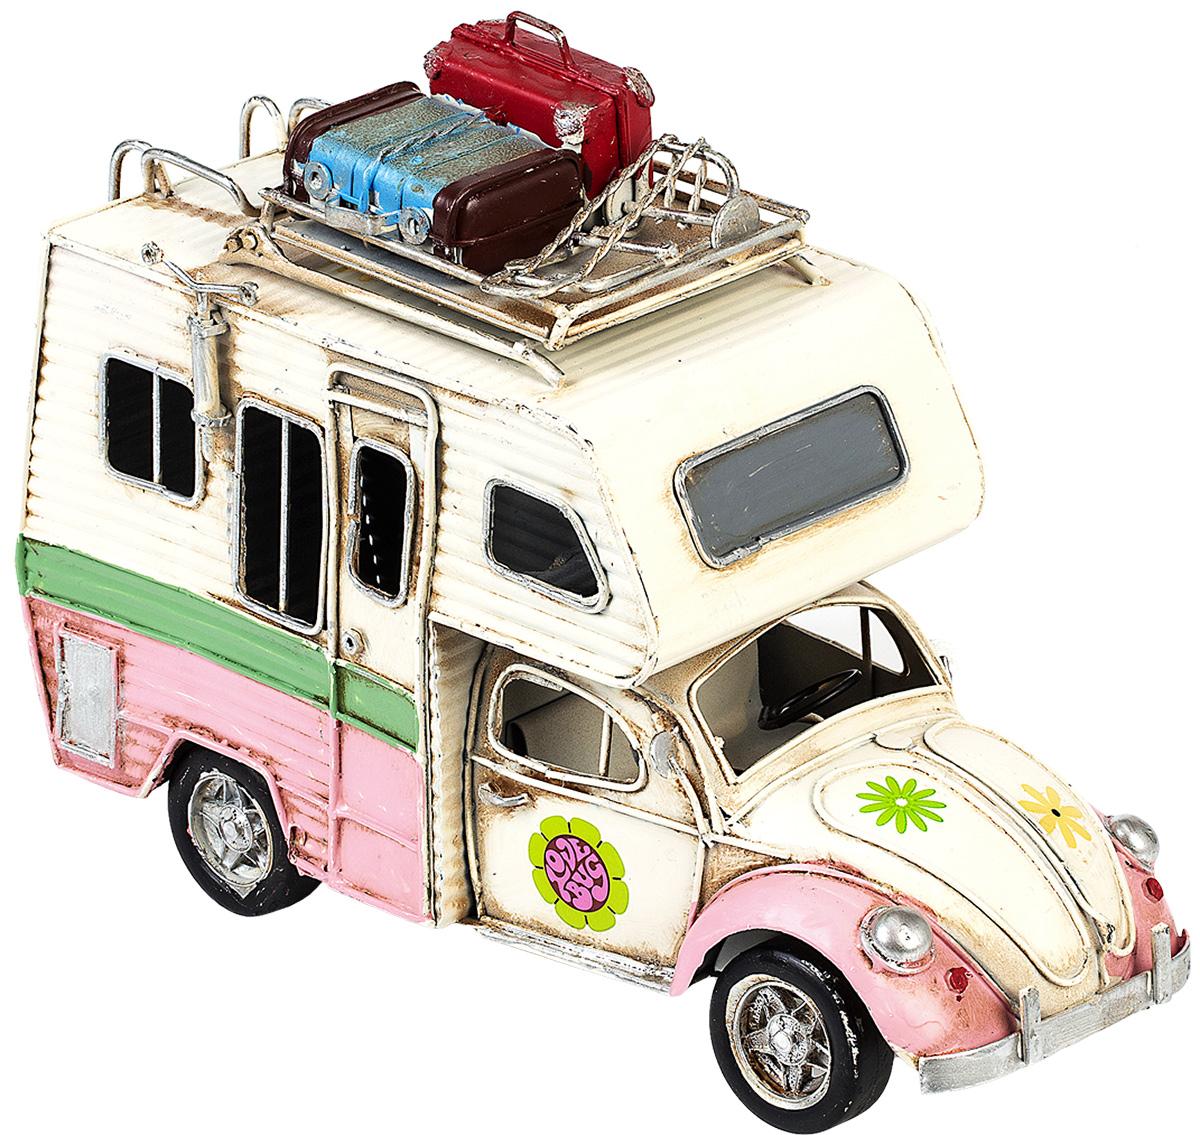 Модель Platinum Автомобиль, с фоторамкой. 1404E-4346JP-29/63Модель Platinum Автомобиль, выполненная из металла, станет оригинальным украшением интерьера. Вы можете поставить модель ретро-автомобиля в любом месте, где она будет удачно смотреться.Изделие дополнено фоторамкой, куда вы можете вставить вашу любимую фотографию.Качество исполнения, точные детали и оригинальный дизайн выделяют эту модель среди ряда подобных. Модель займет достойное место в вашей коллекции, а также приятно удивит получателя в качестве стильного сувенира.